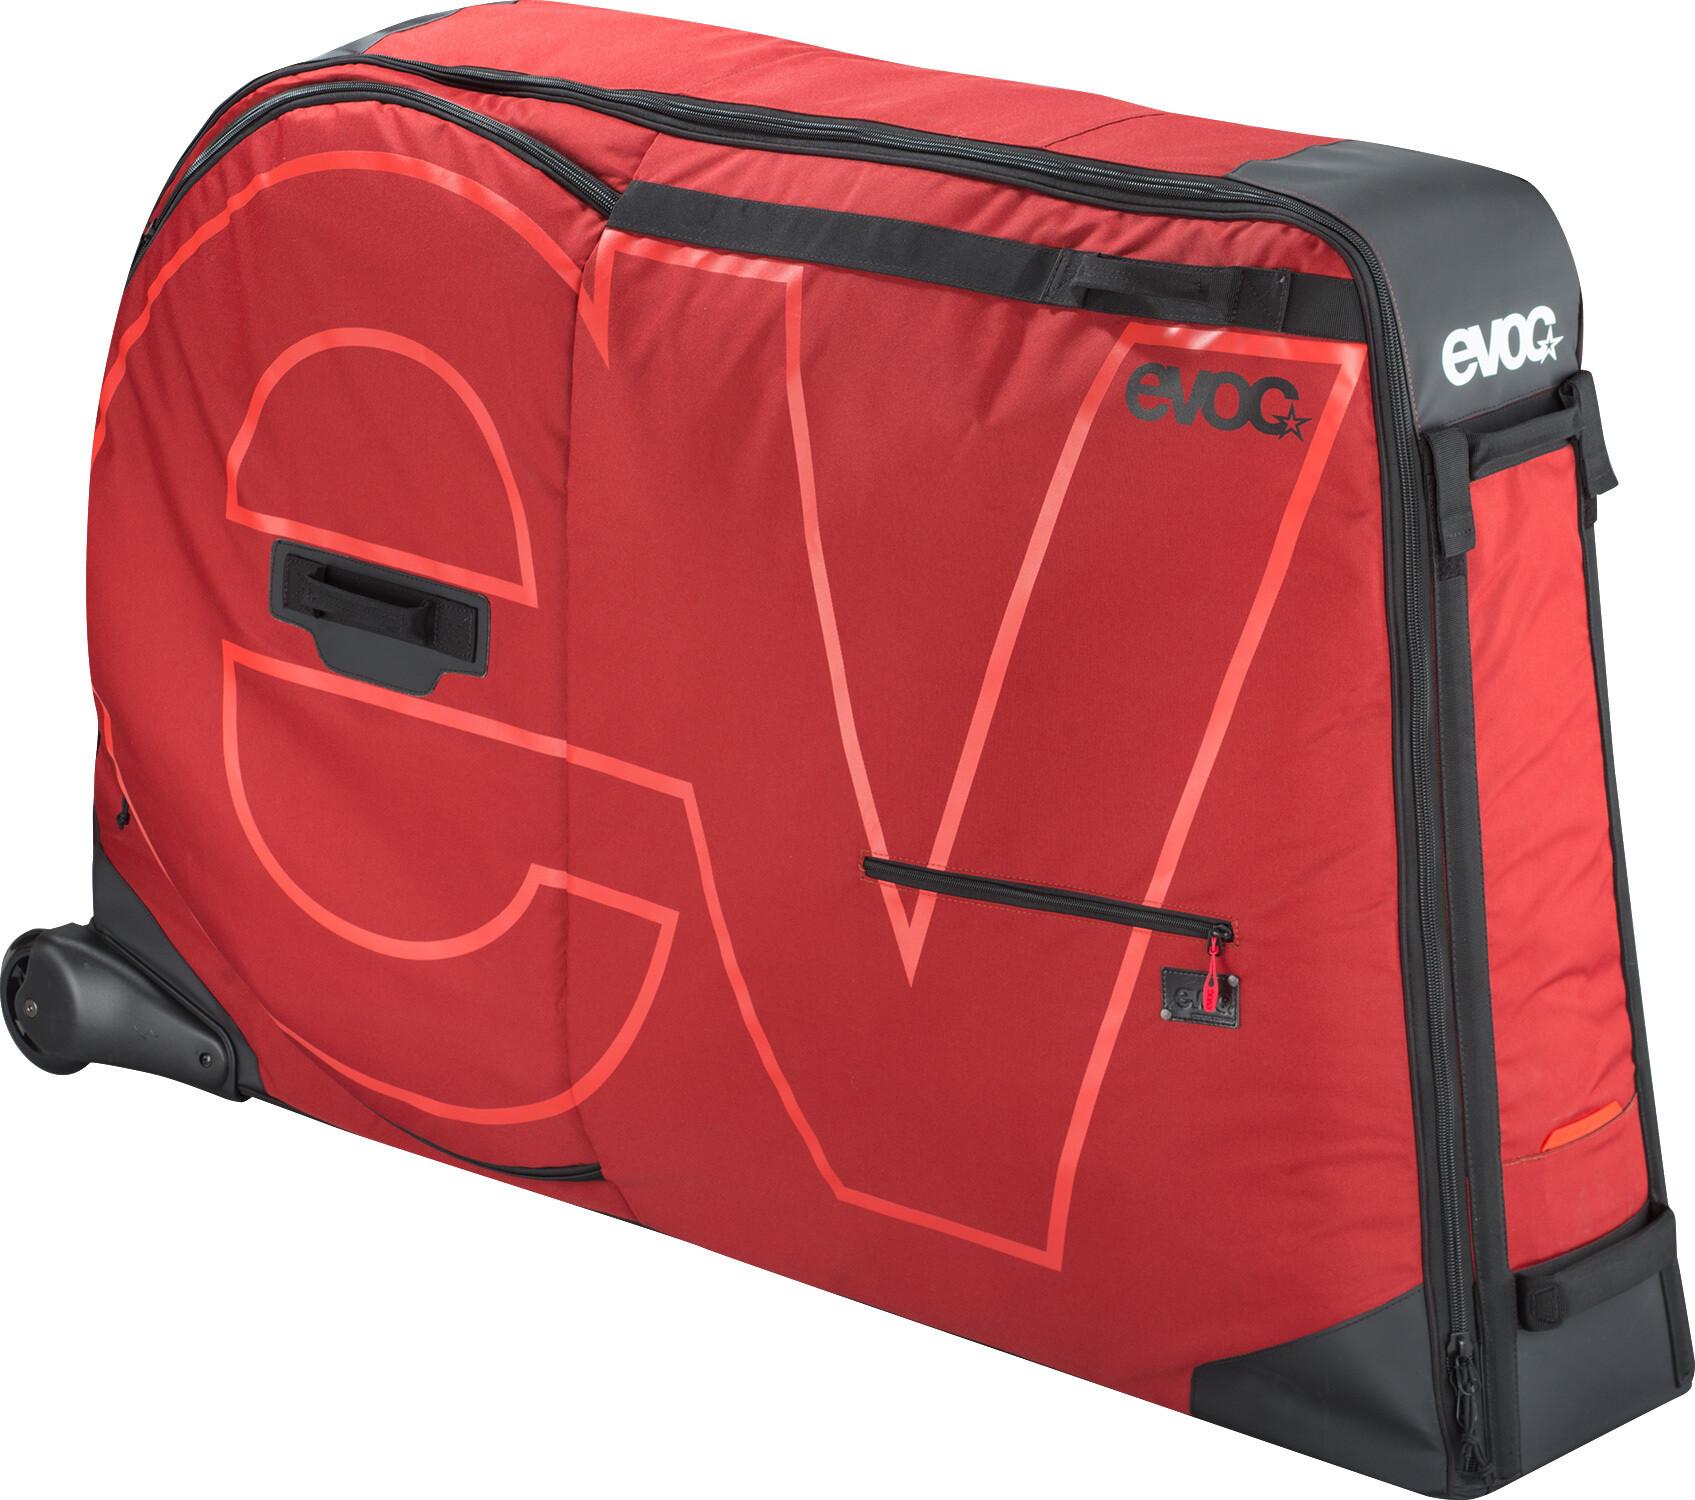 EVOC Bike Travel Bag 280L, chili red | Bike bags